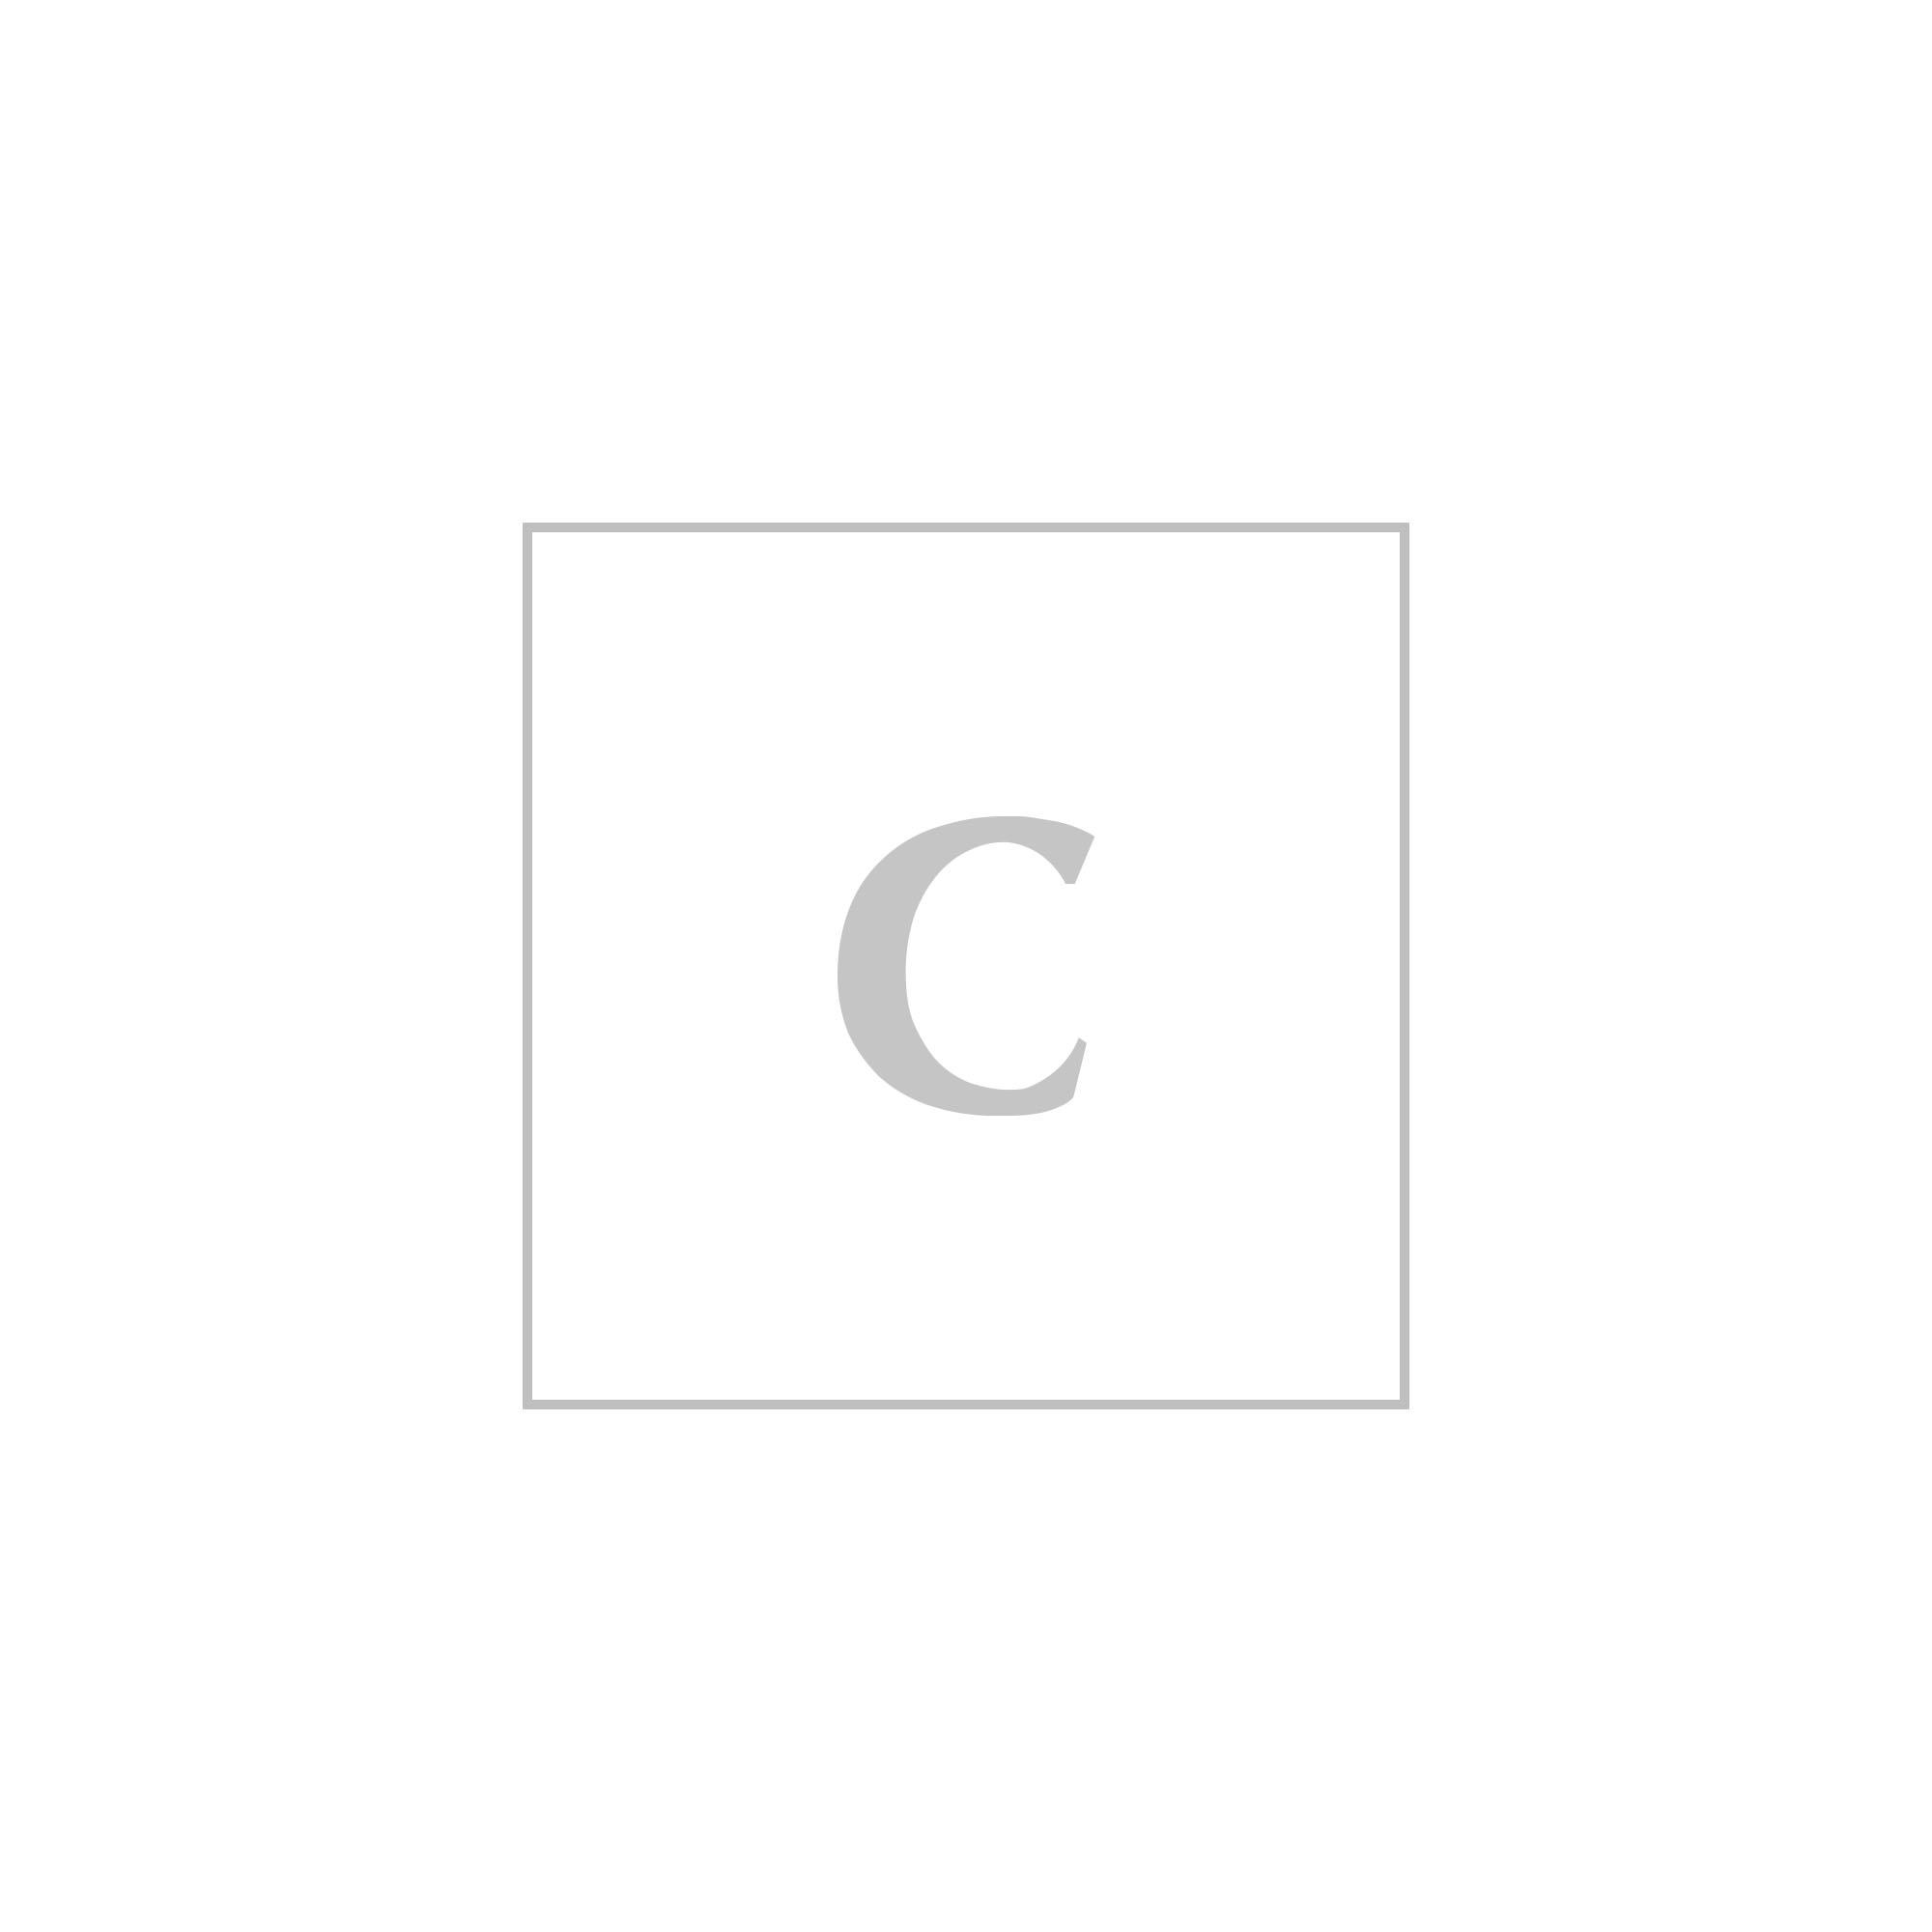 Dolce & gabbana dauphine calfskin cardholder